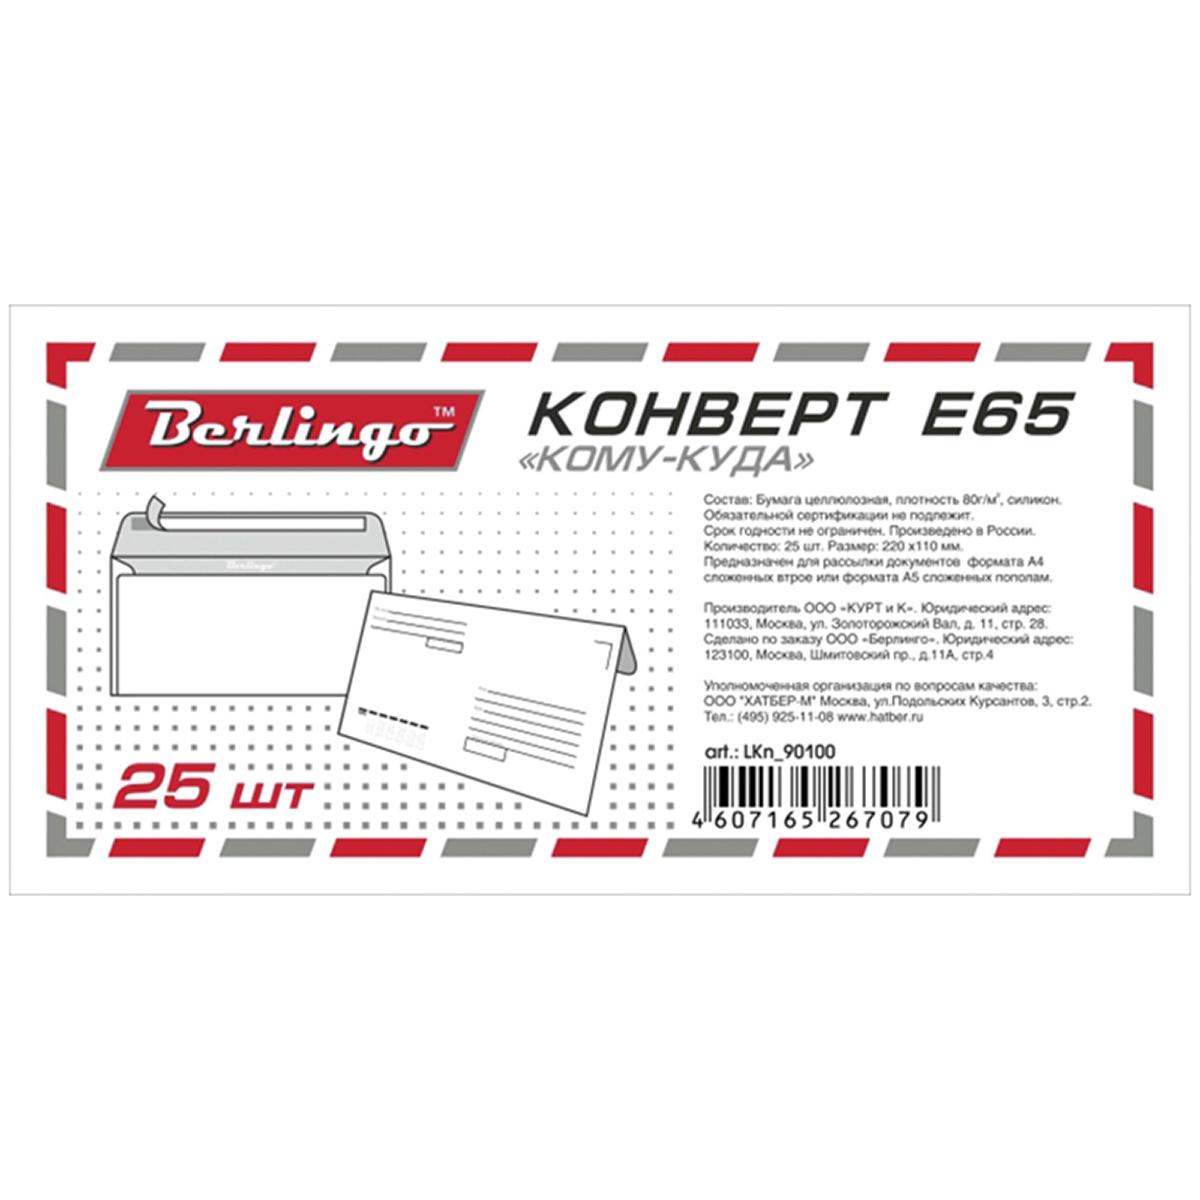 Berlingo Конверт E65 с подсказом 25 штLKn_90100Конверт Berlingo E65 выполнен в евроформате размером 110 х 220 мм без окна, с подсказом и с внутренней запечаткой. Предназначен для вложения листов формата А4, сложенных втрое или А5, сложенных вдвое. Клапан конверта крепится с помощью отрывной силиконовой ленты.